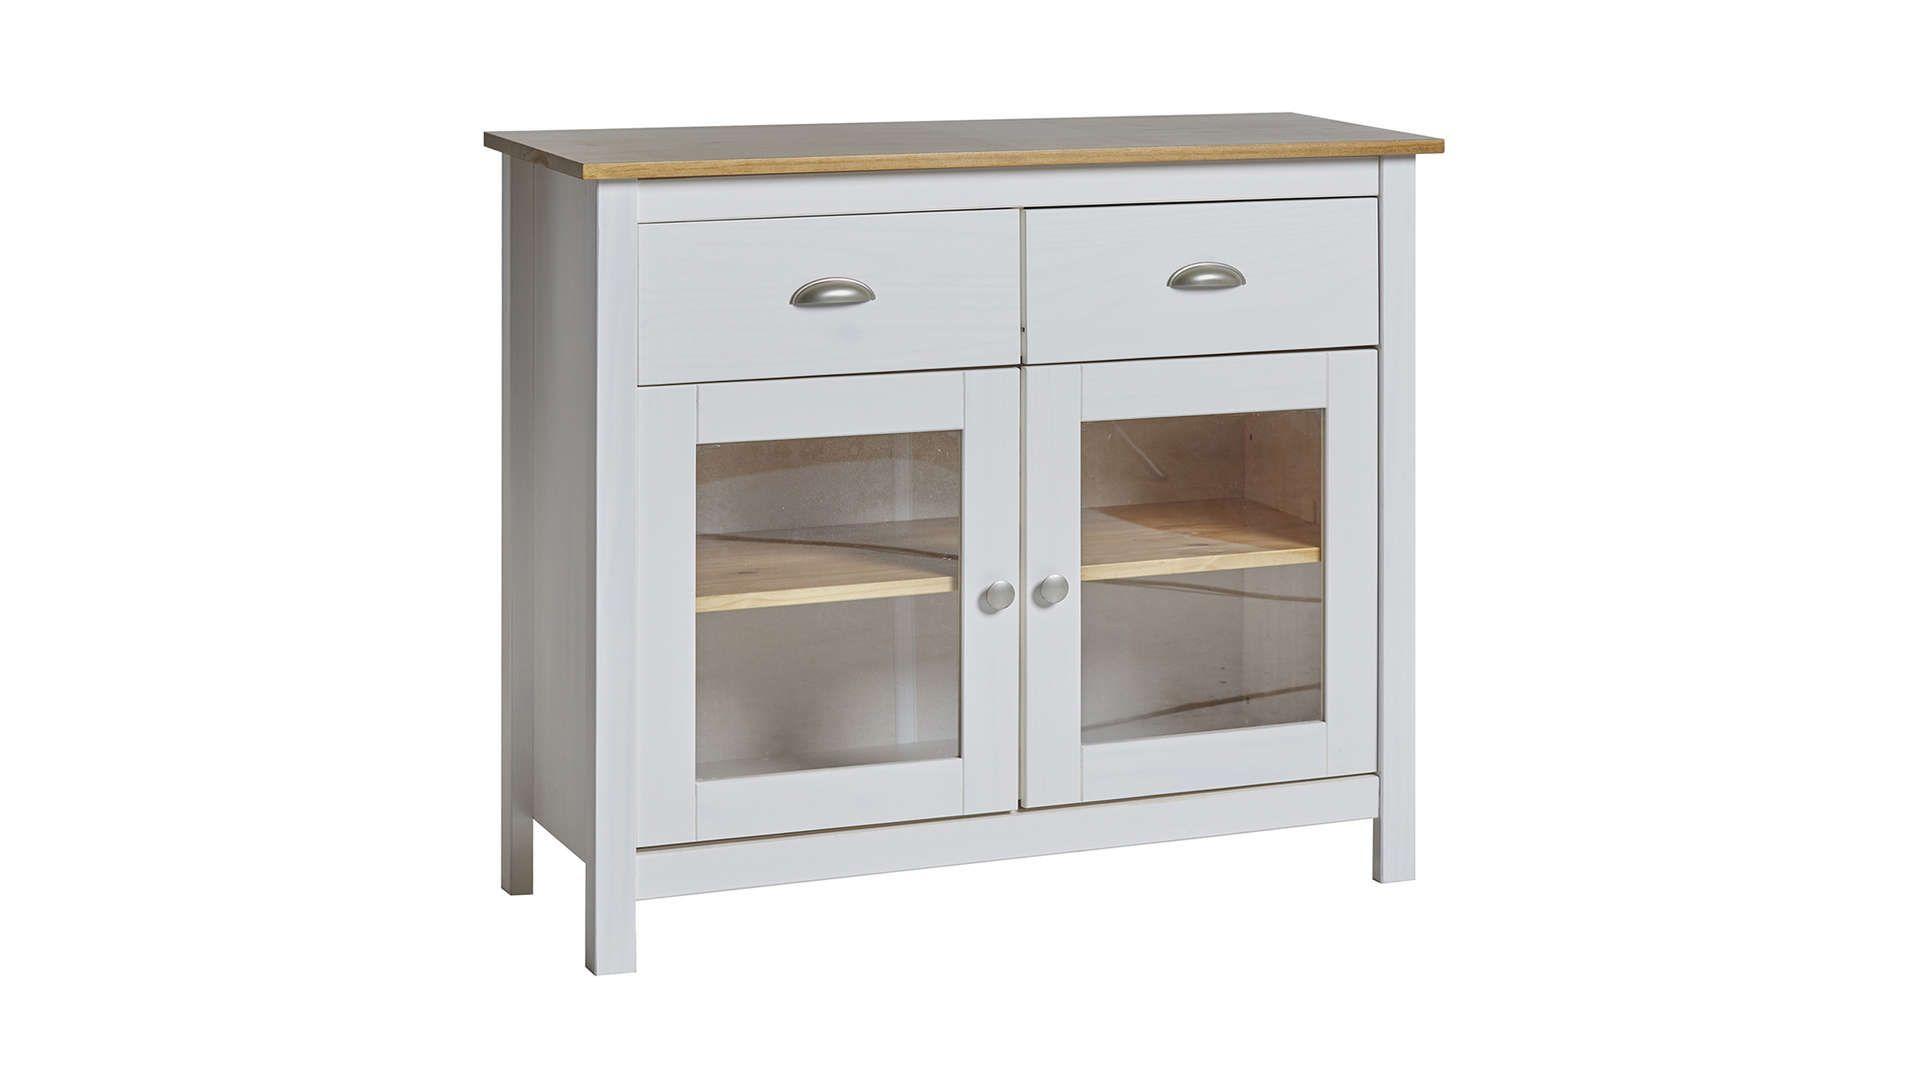 اط لع اساسي ماتيس meuble tiroir pas cher amazon